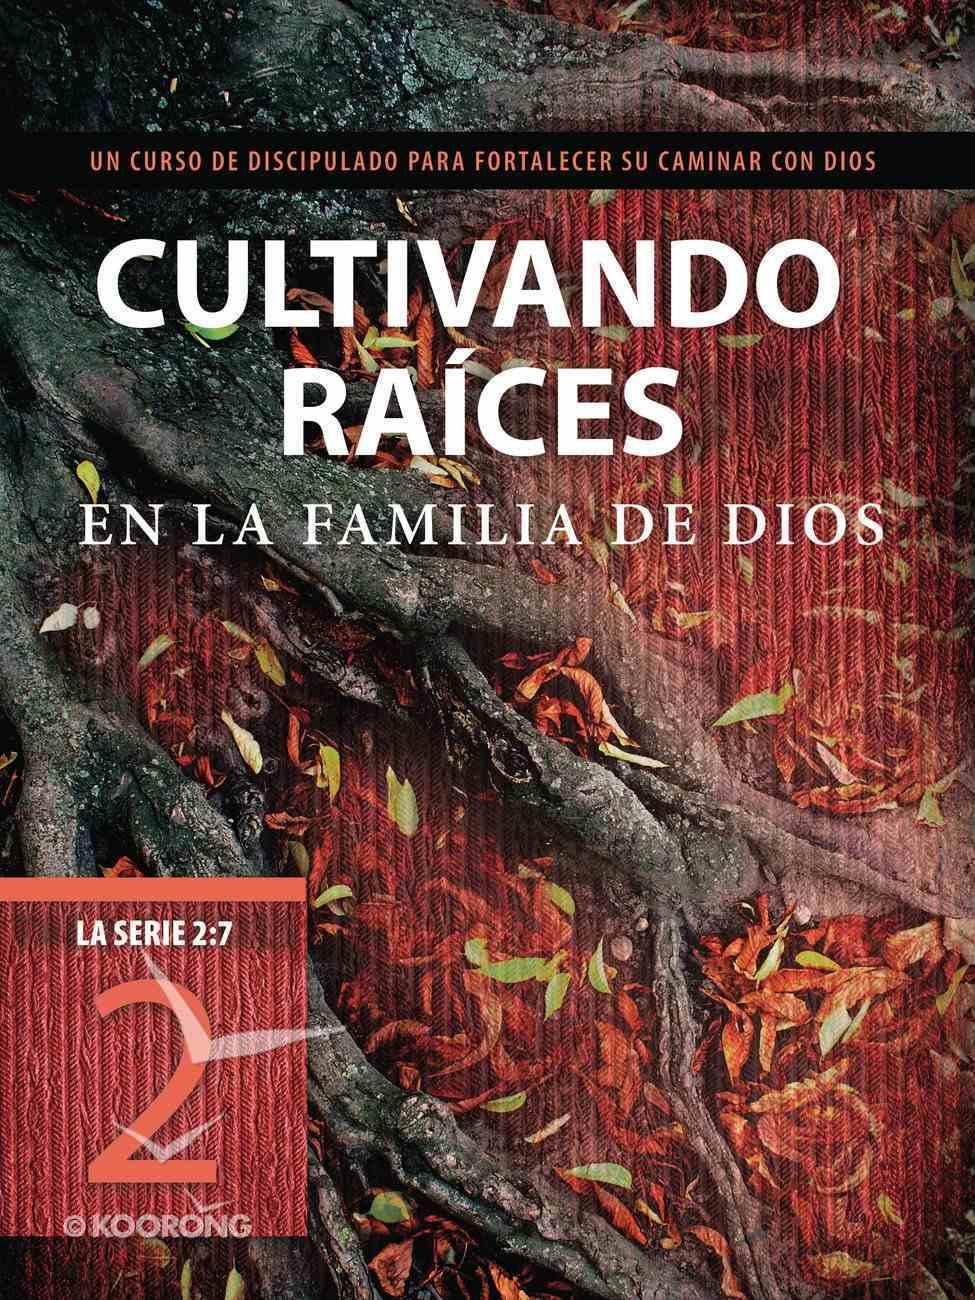 2: 7 #02  Cultivando Races En La Familia De Dios  Un Curso De Discipulado Para Fortalecer Su Caminar Con Dios (#2 in La Serie 2 7 Series) Paperback